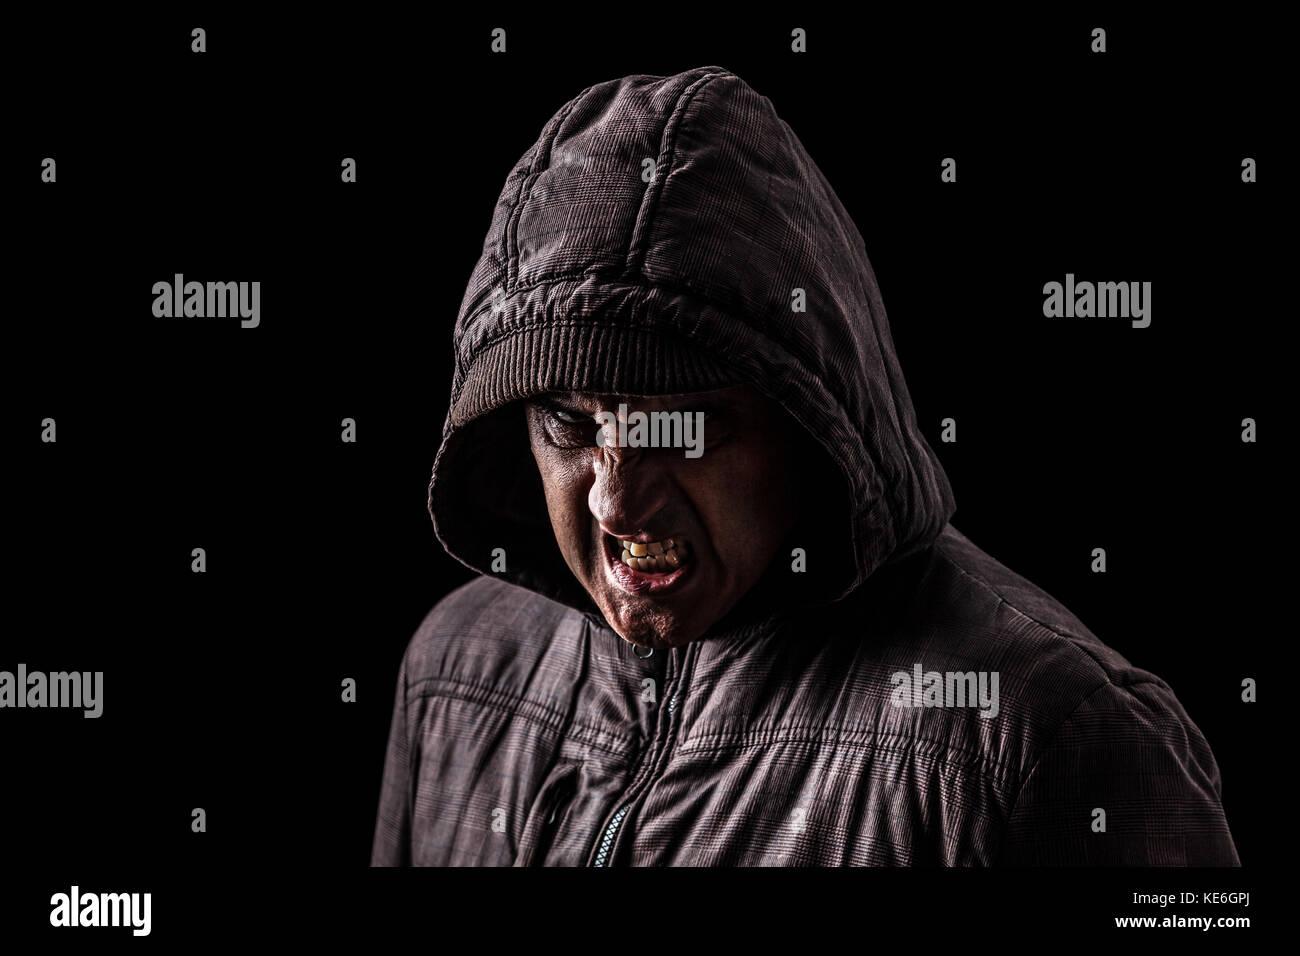 Très en colère, l'agressivité, l'homme caché l'ombre creepy, debout dans l'obscurité.fond Photo Stock